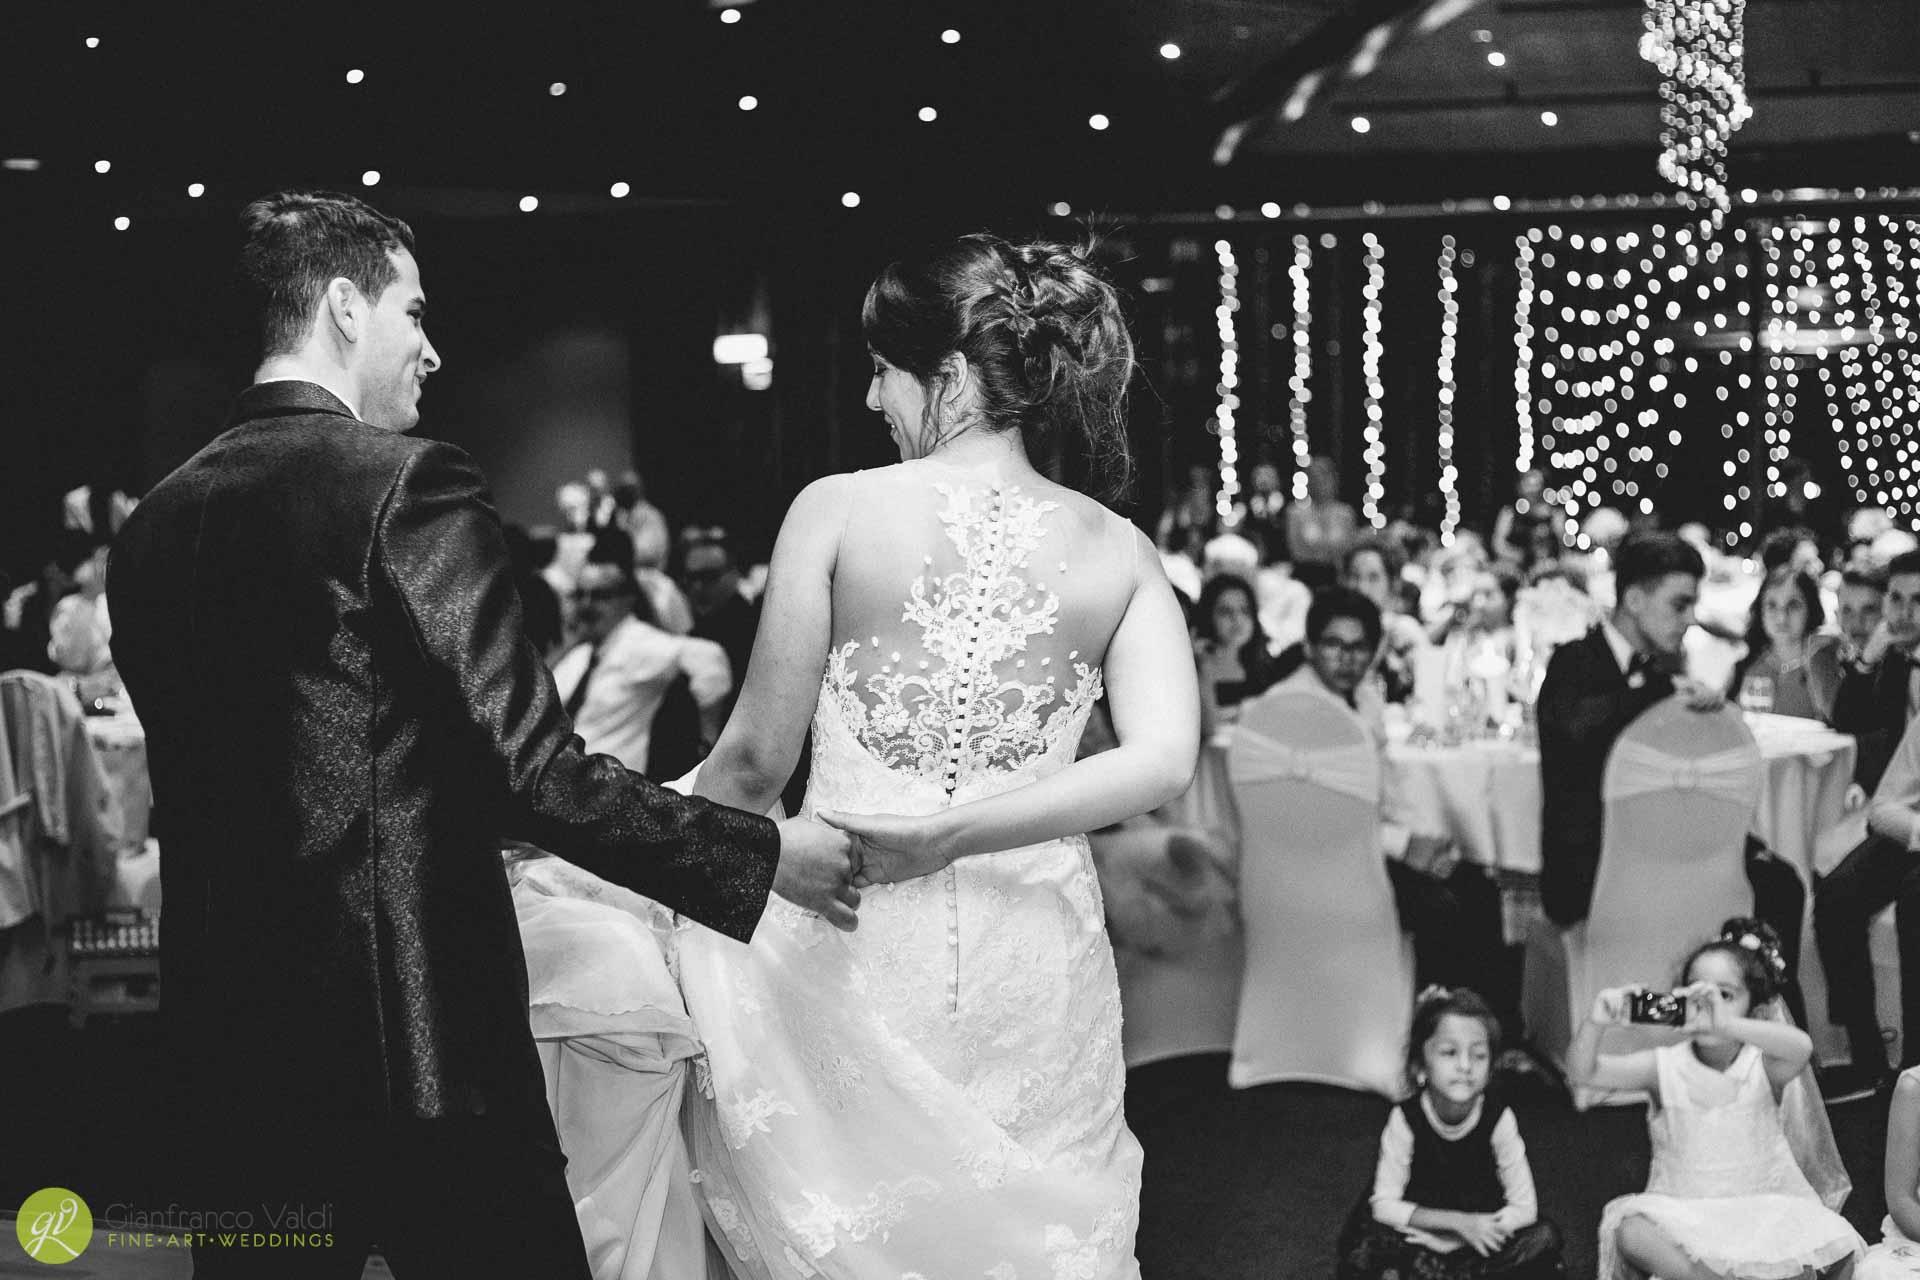 fotografia-del-ballo-degli-sposi-davanti-agli-invitati